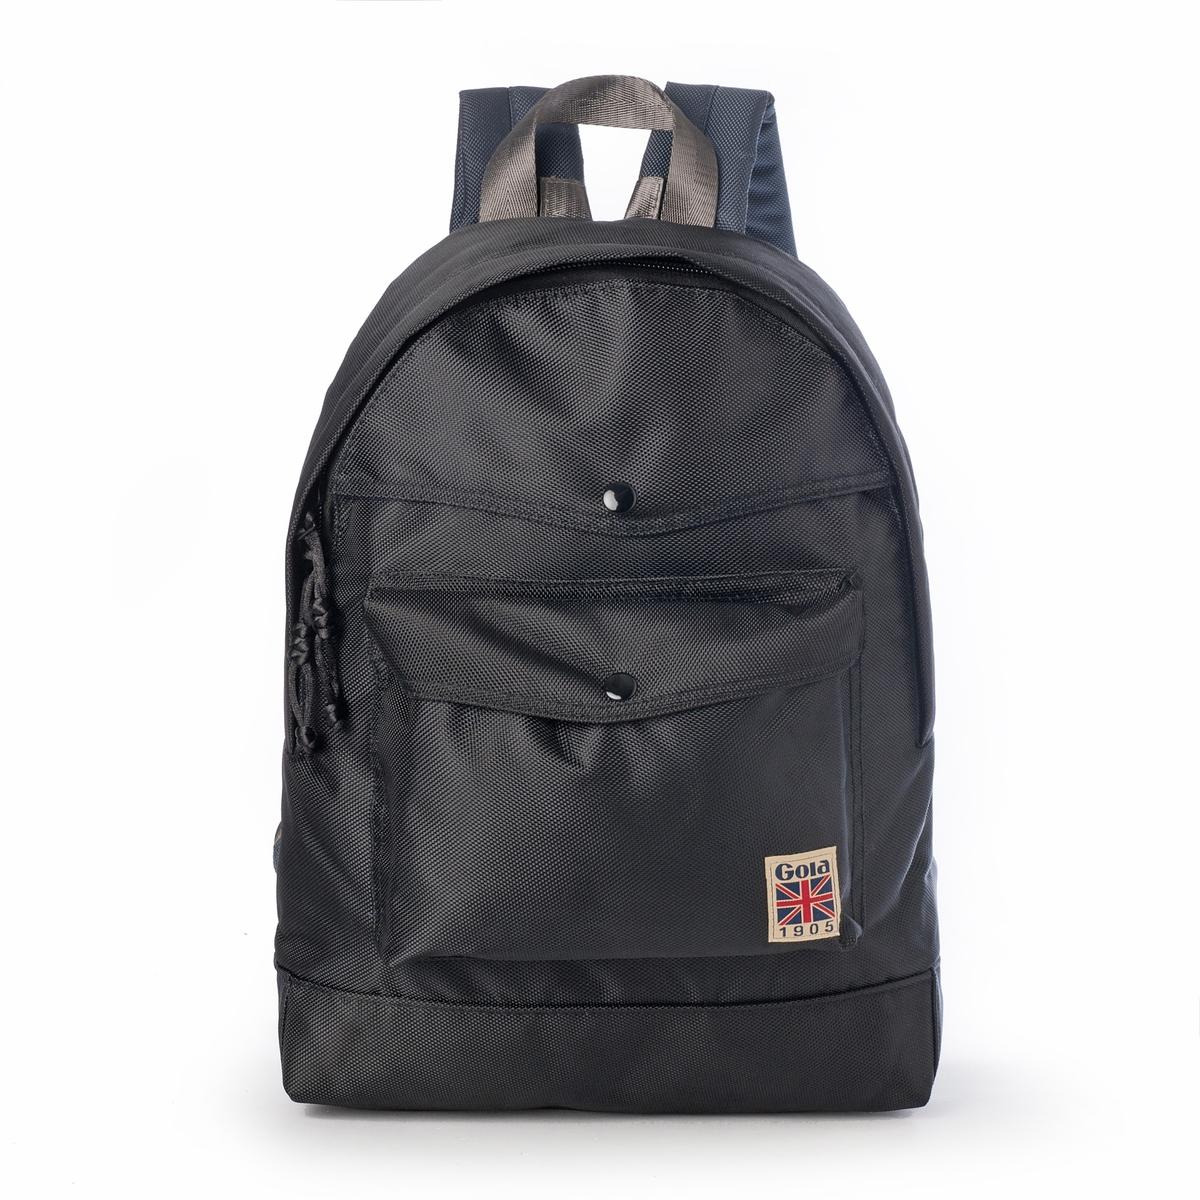 Рюкзак RYDERПреимущества : Практичный рюкзак в бойцовском стиле, 2 кармана спереди, карман на молнии внизу. Идеально подходит для ежедневного ношения.<br><br>Цвет: черный